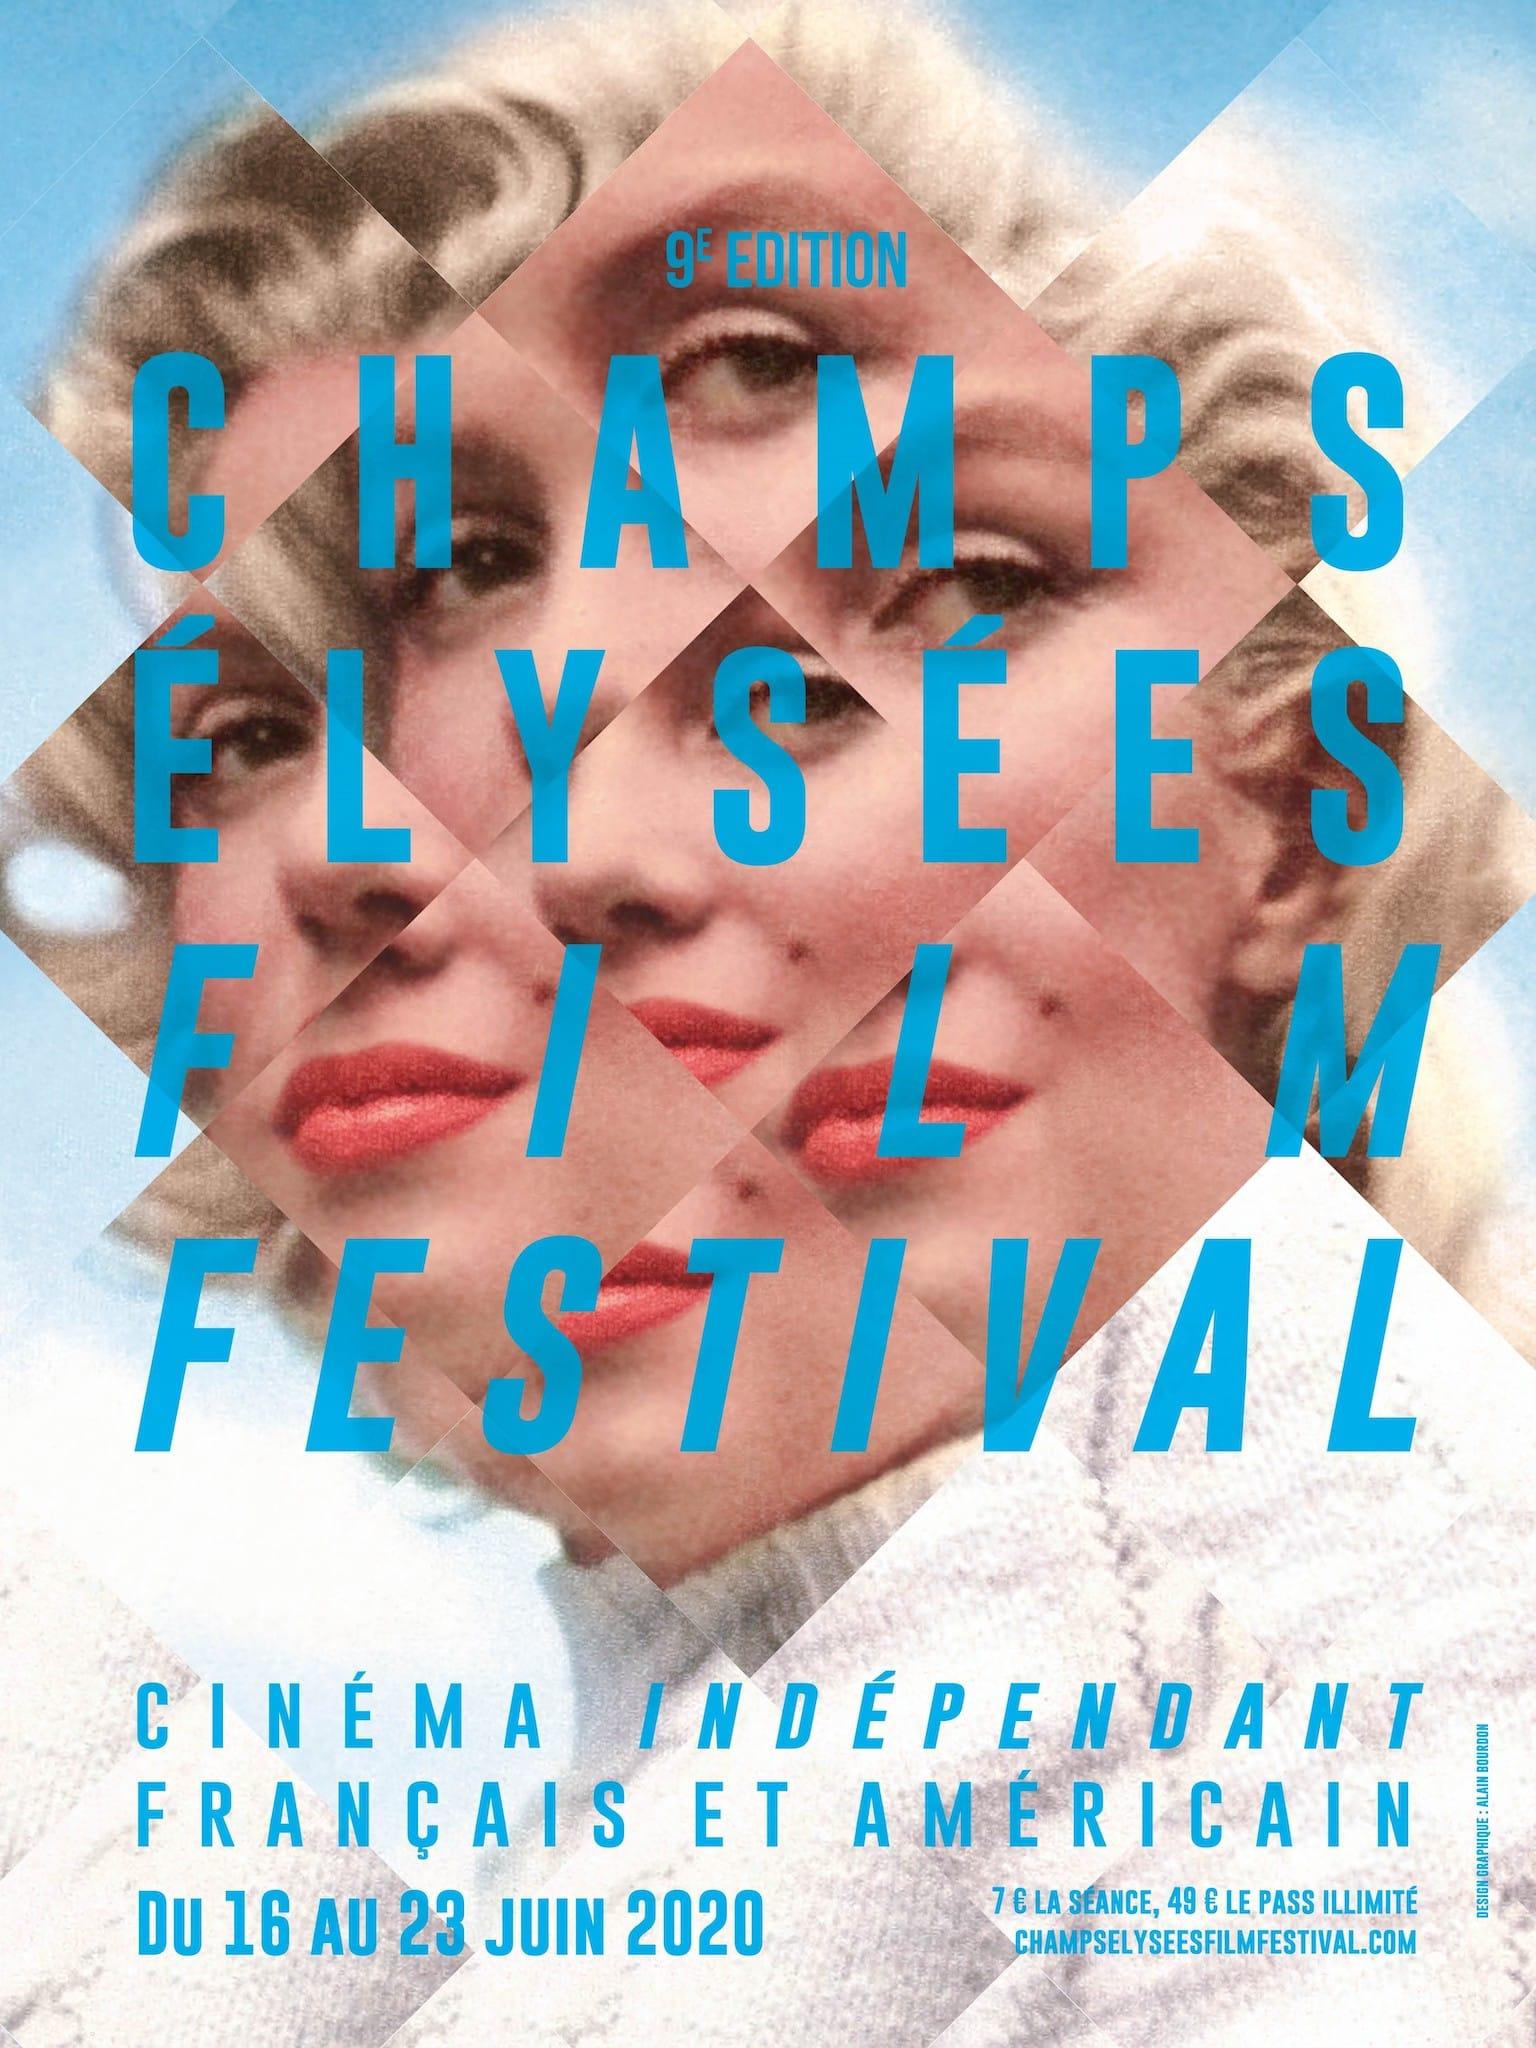 Champs-Élysées Film Festival 2020 affiche cinéma